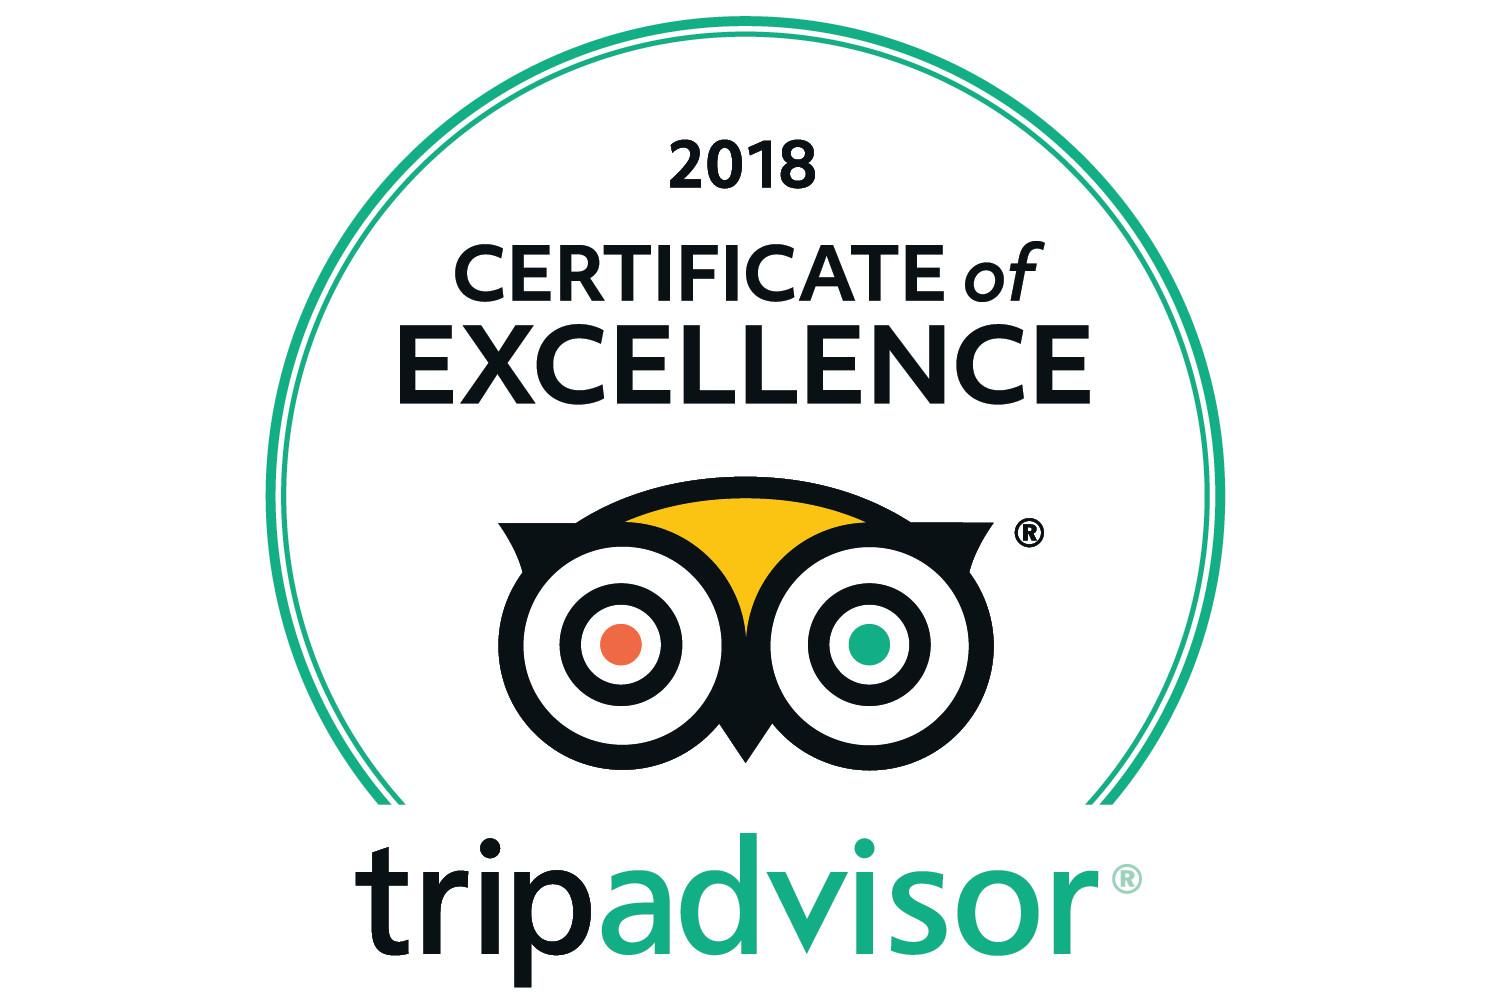 tripadvisor 2018 logo